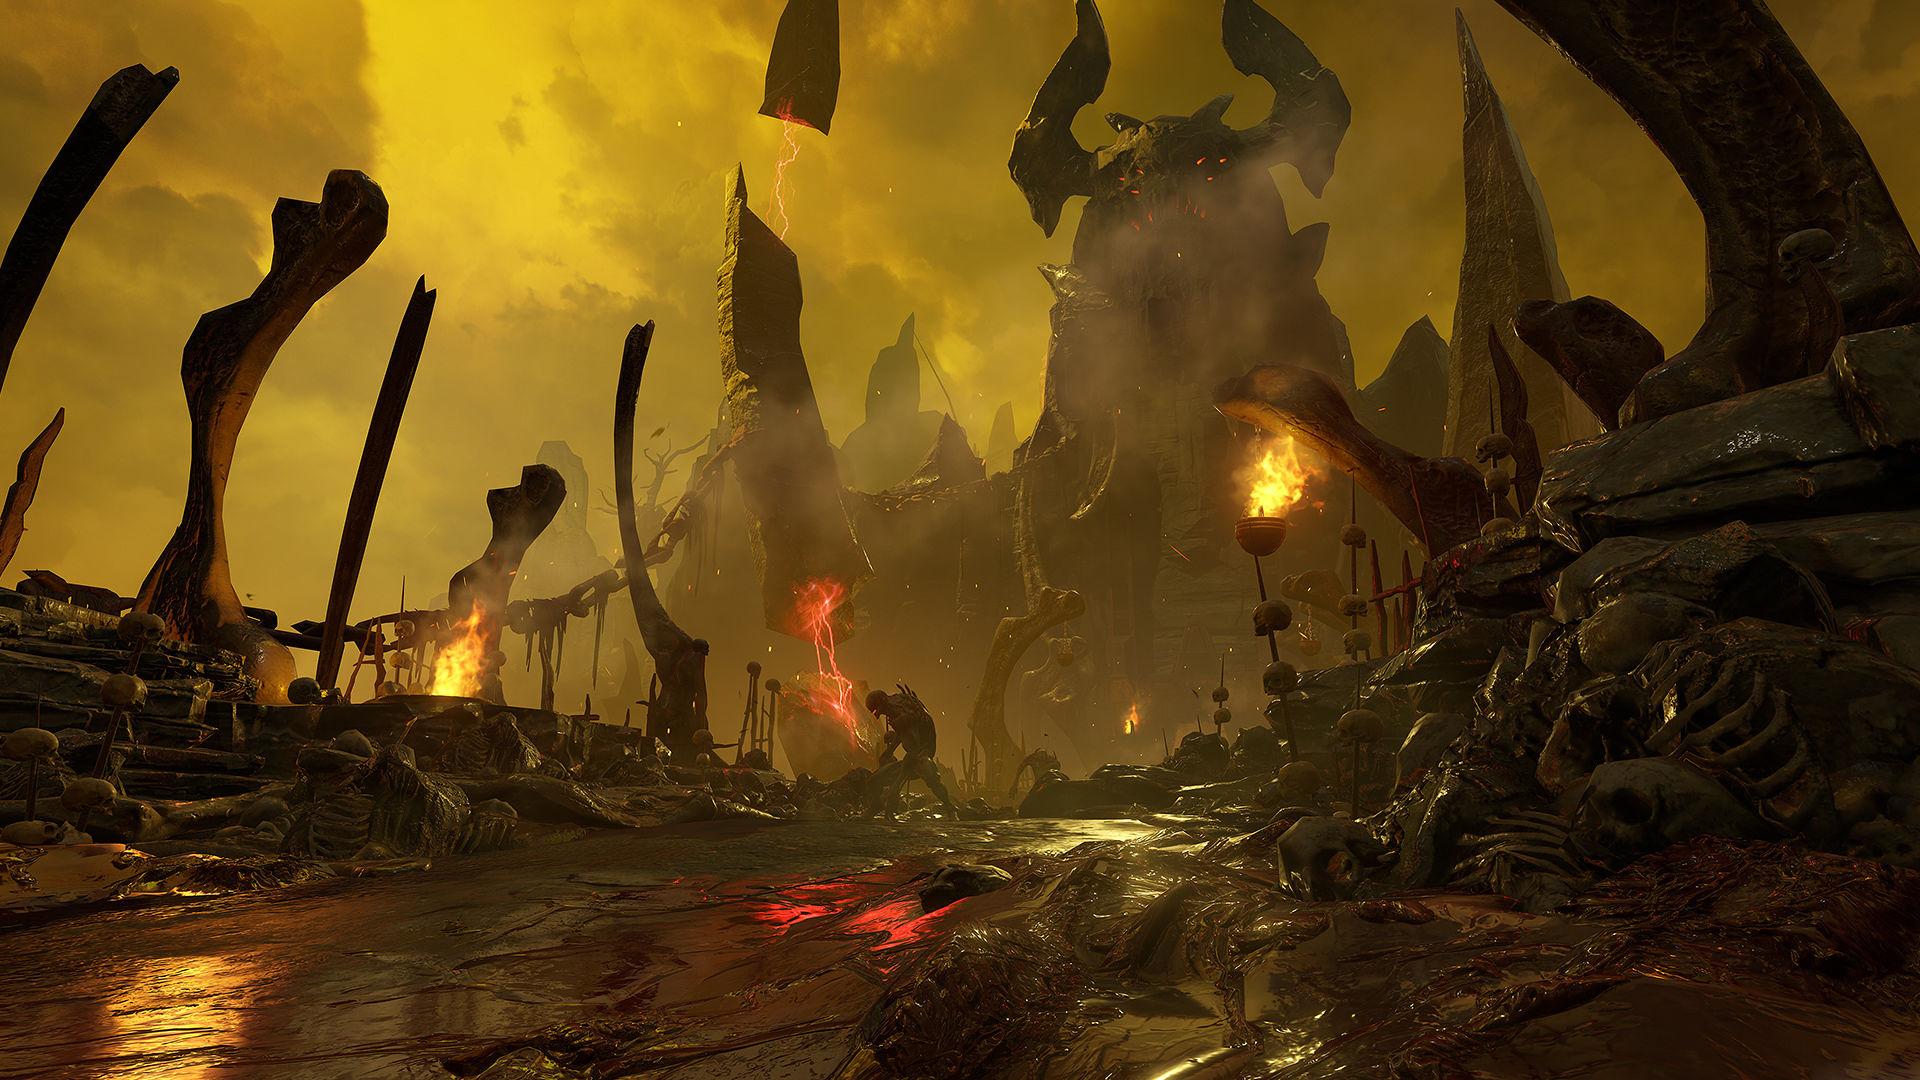 Precomandă DOOM şi primeşti Wolfenstein: The Old Blood gratuit